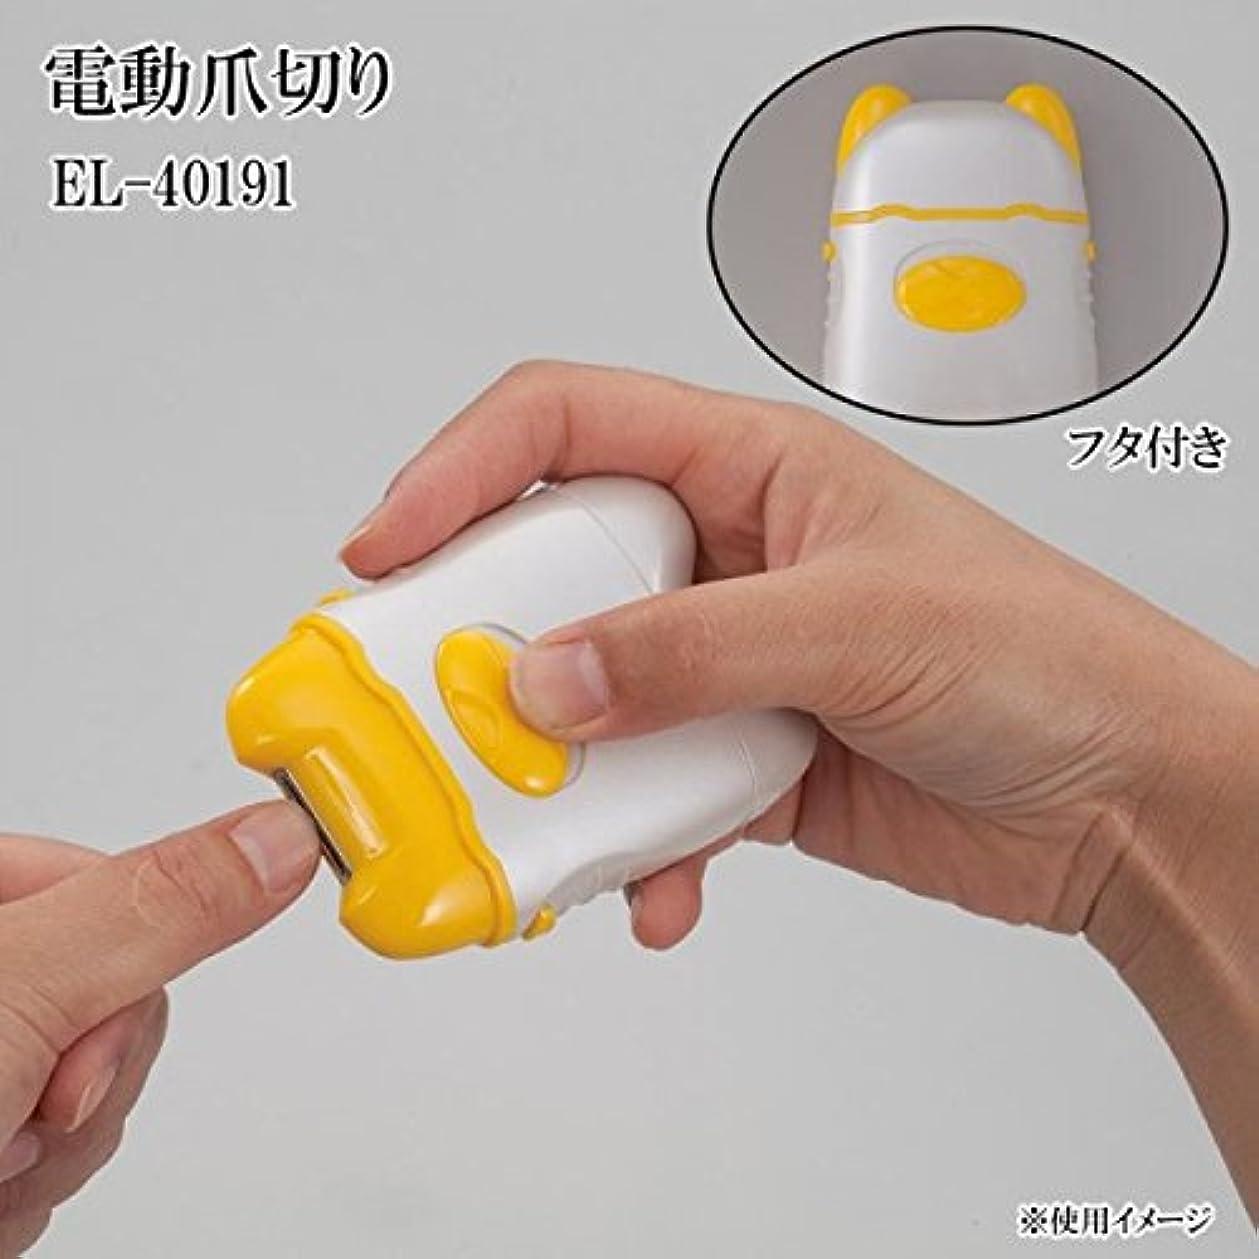 海岸宣教師地上の電動爪切り EL-40191 【人気 おすすめ 】